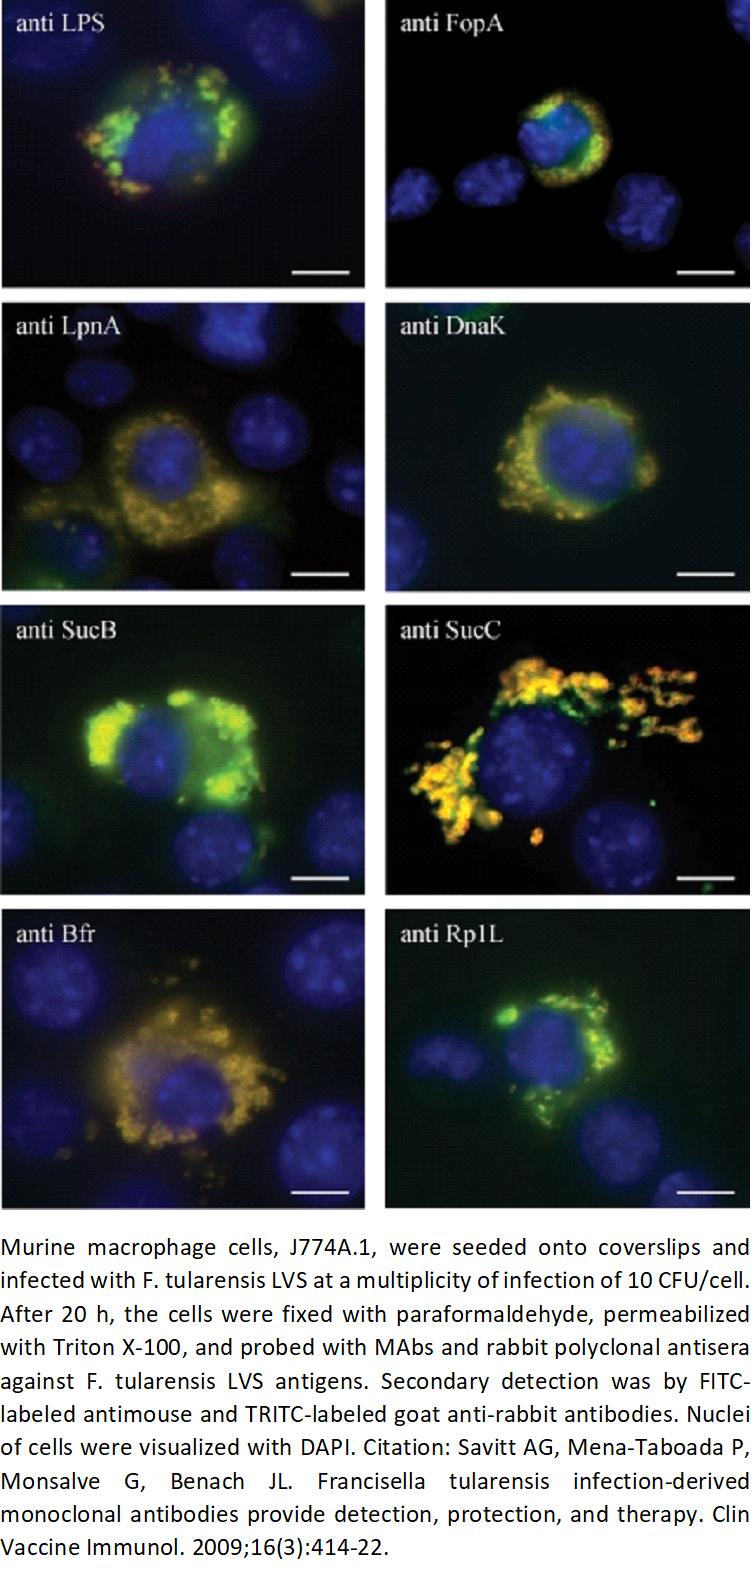 Image thumbnail for Anti-F. tularensis LVS Bacterioferritin (bfr) [163] Antibody